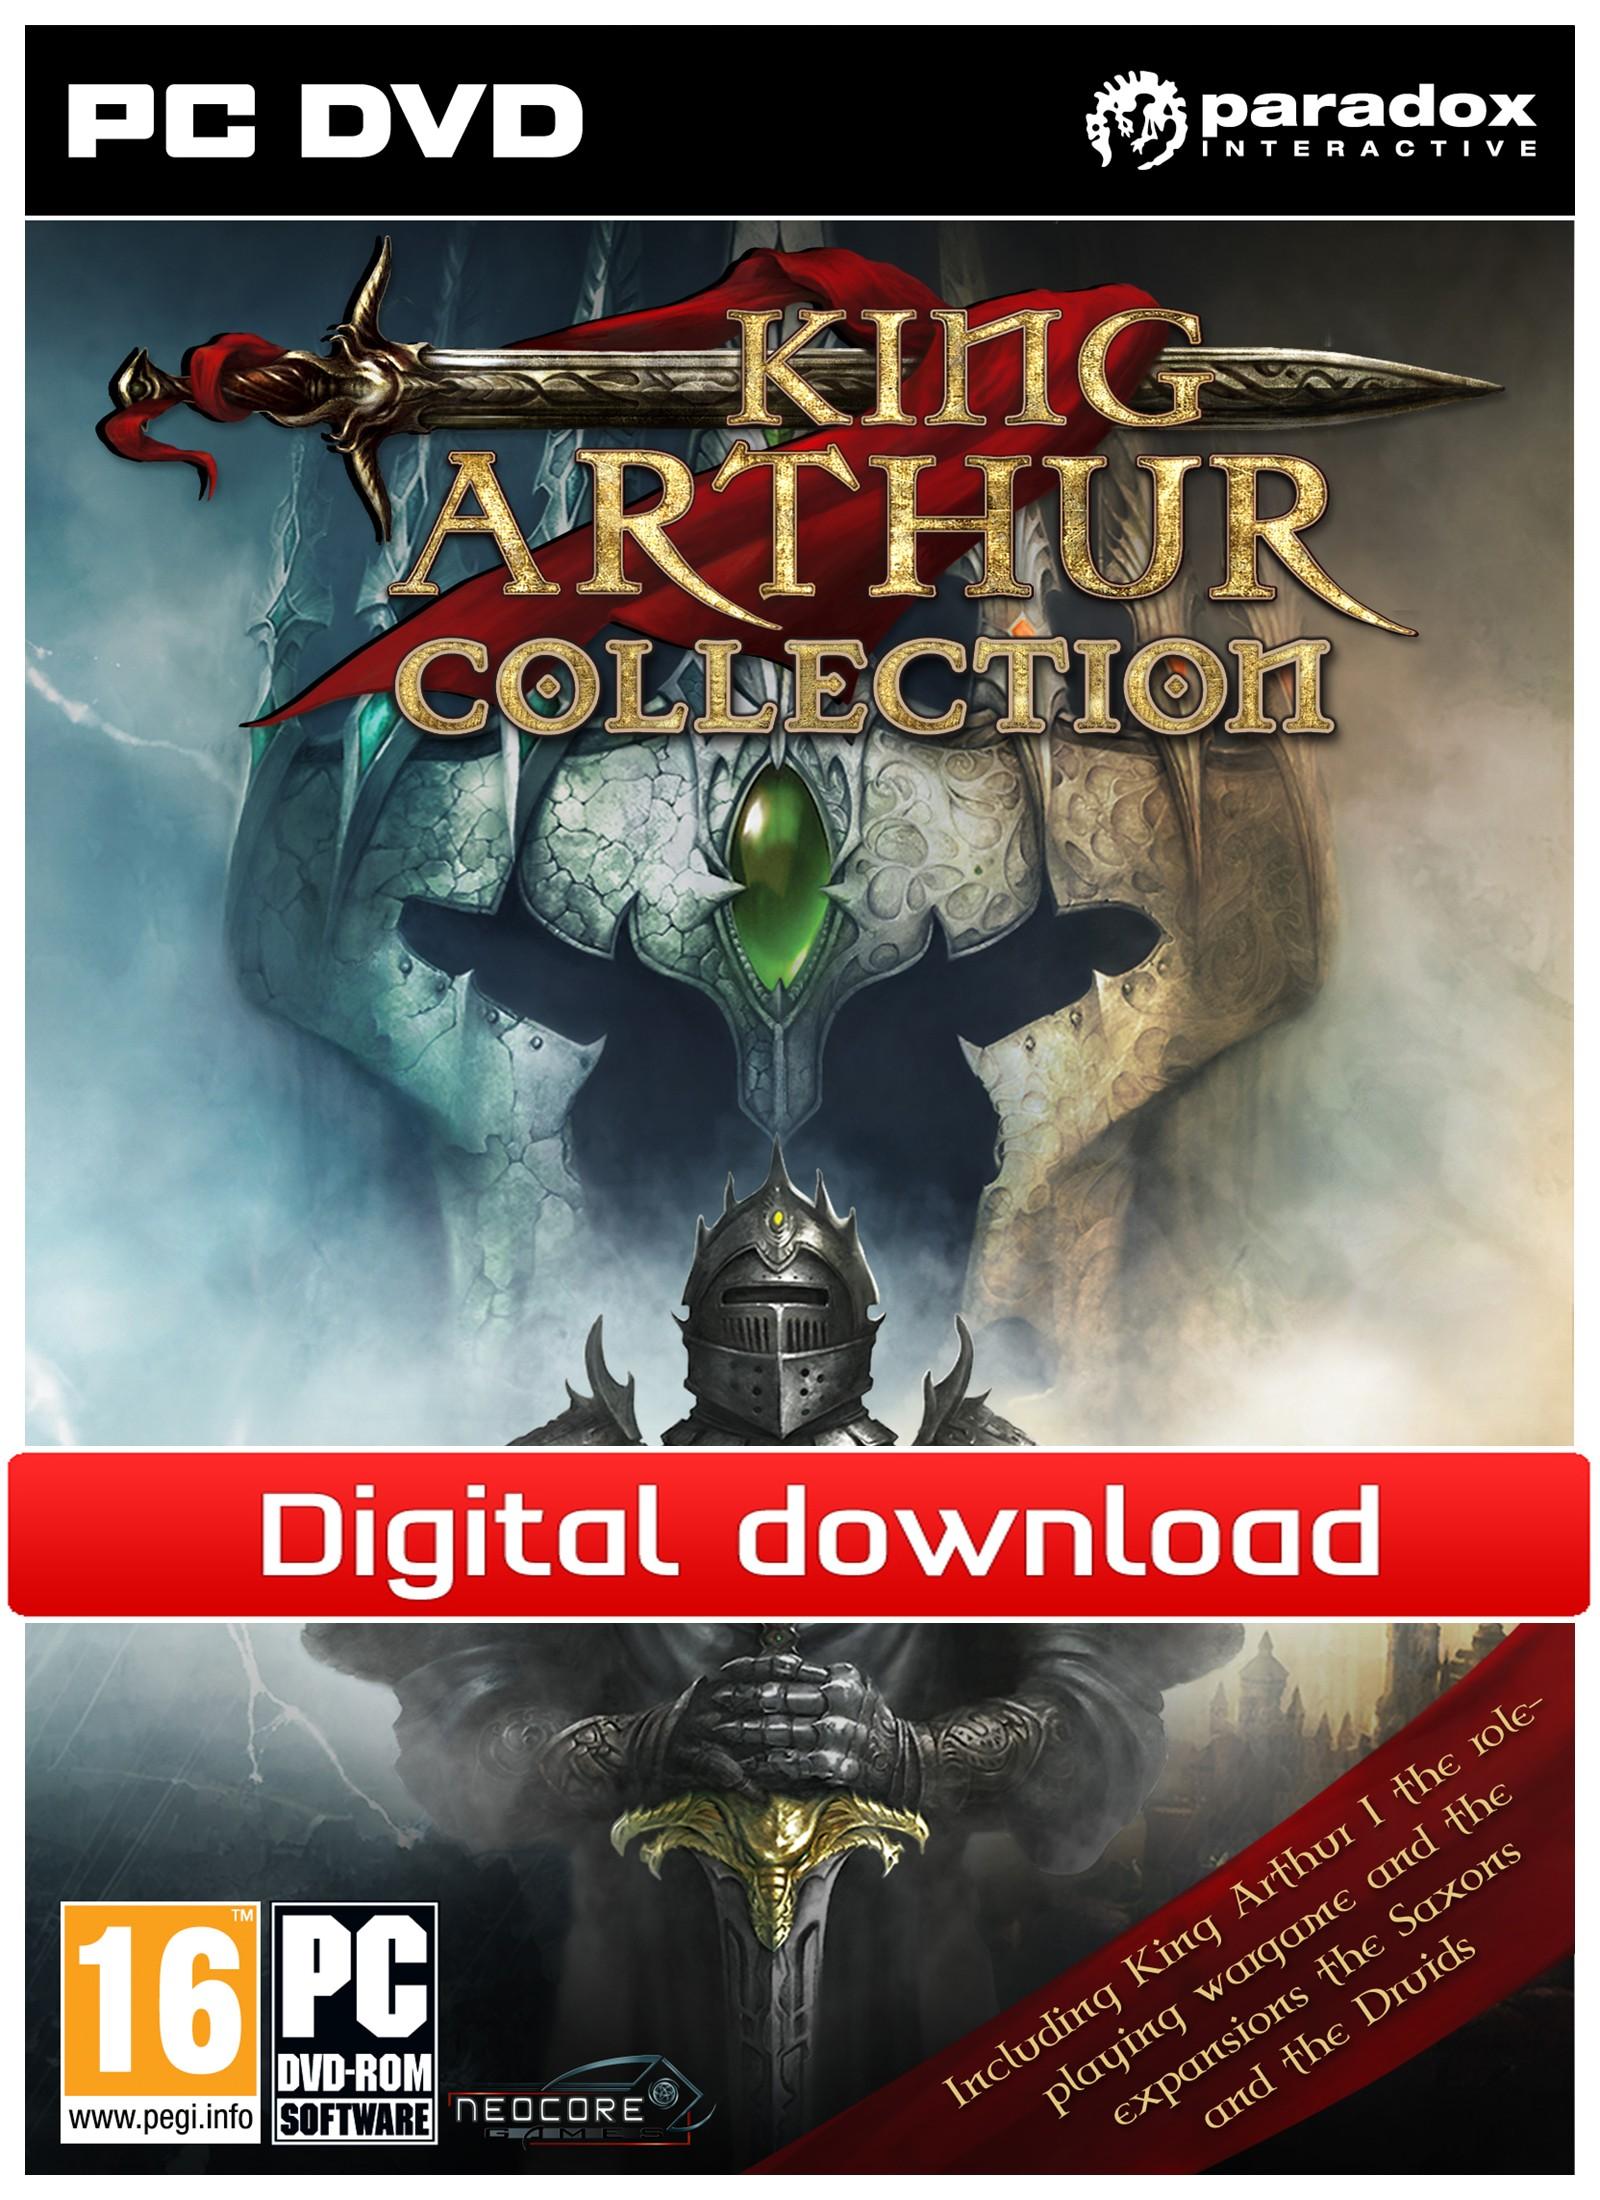 King Arthur Collections (PC nedlastning) PCDD25966